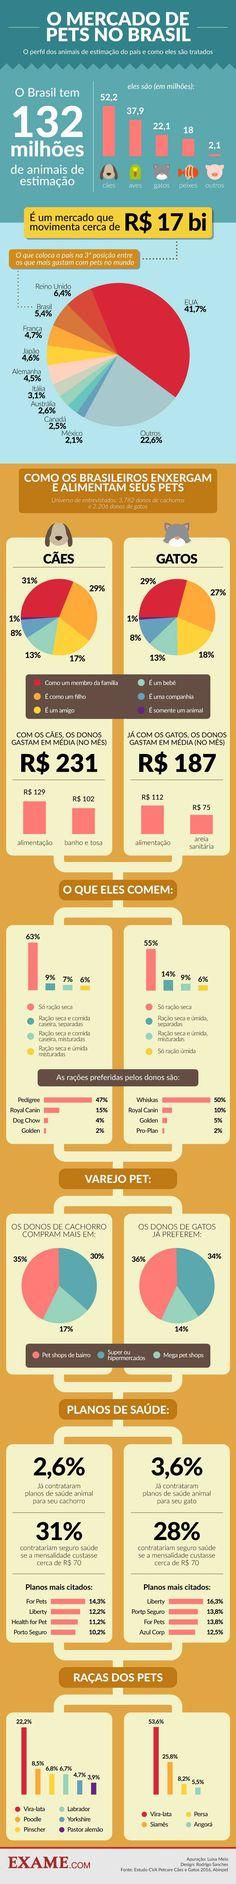 Como o brasileiro cuida e quanto gasta com seus pets | EXAME.com - Negócios, economia, tecnologia e carreira